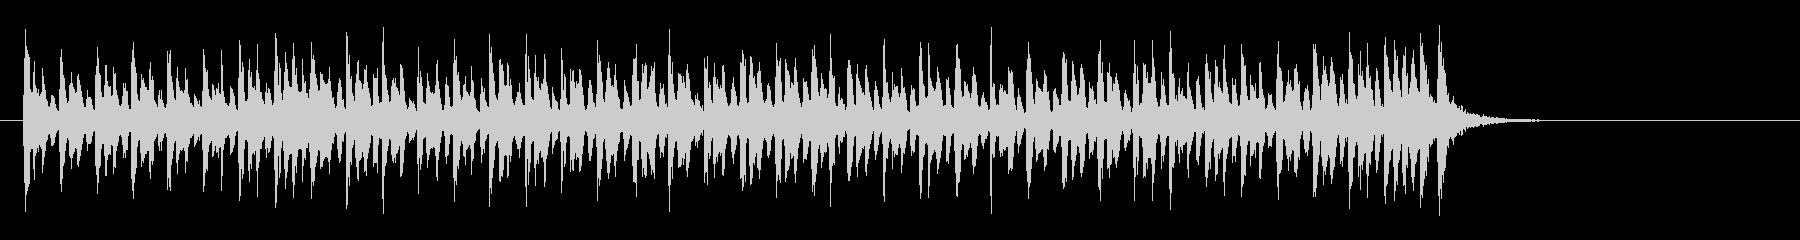 かわいいクラシカルポップ(イントロ~A)の未再生の波形